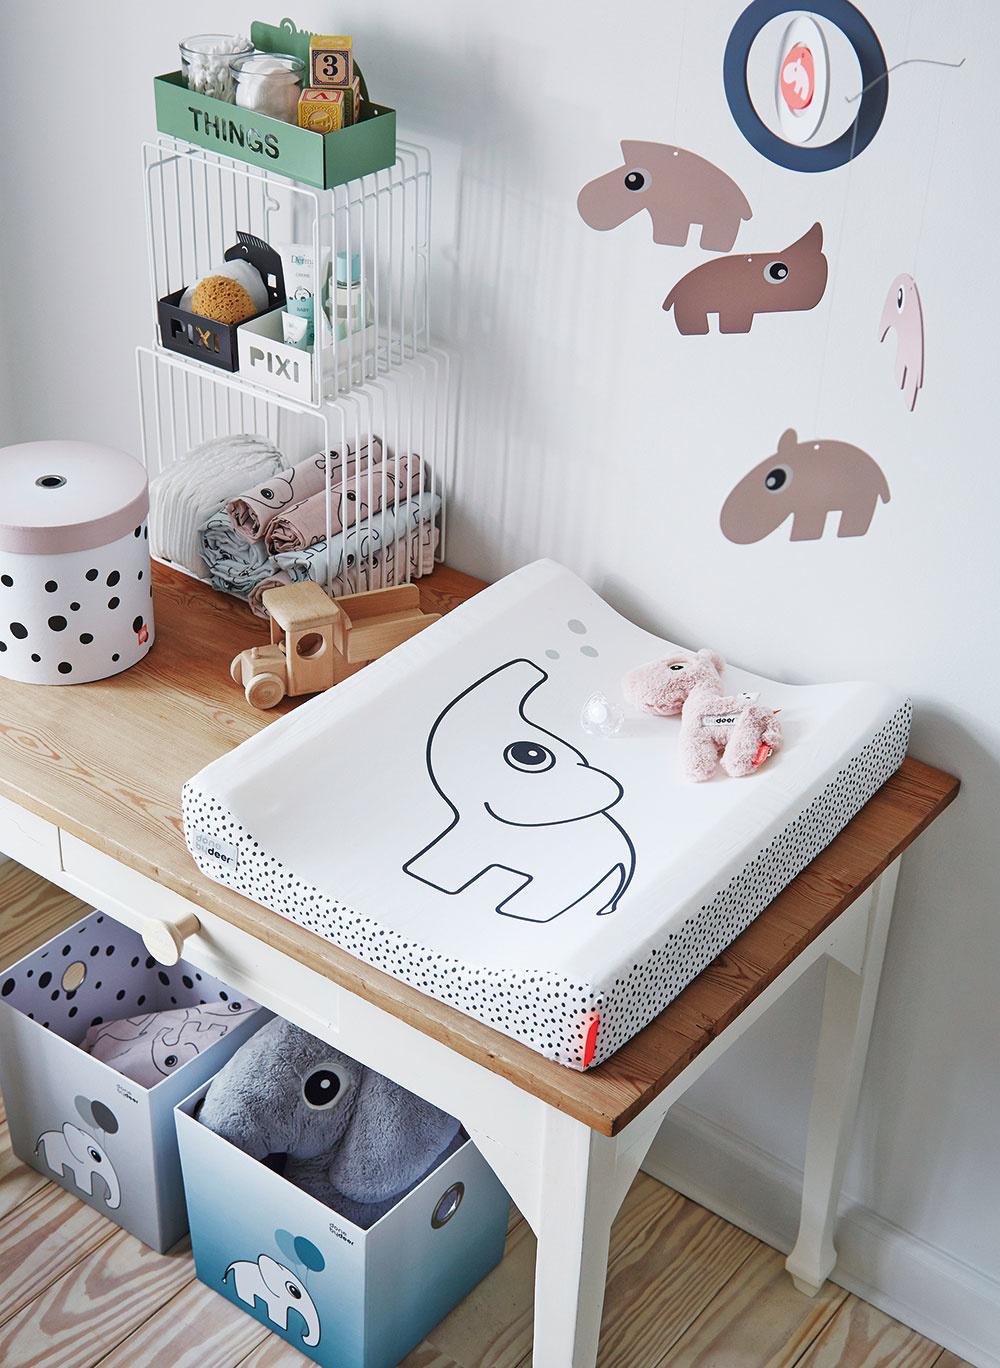 Prebaľovacia podložka Elphee od značky Done by Deer, 100 % akryl potiahnutý bavlnou, so zipsom, výplň polyuretánová pena, 50 × 65 cm, www.lilibabyshop.sk